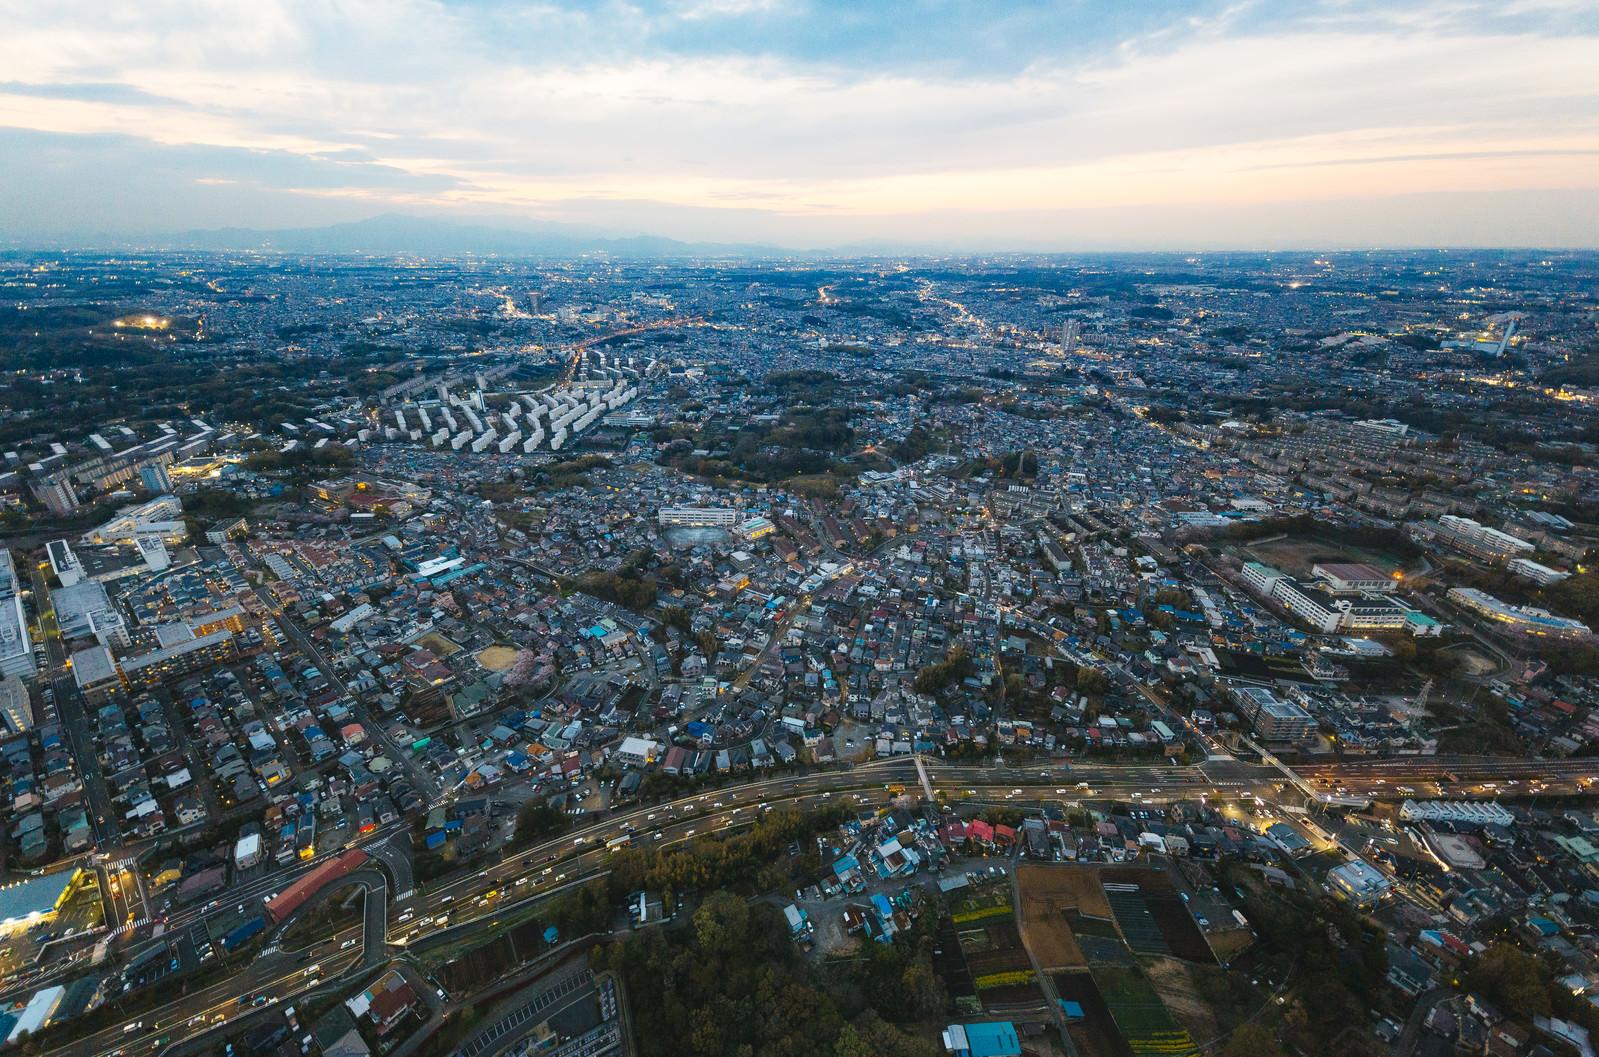 「ヘリコプター上空から撮影した市街地」の写真